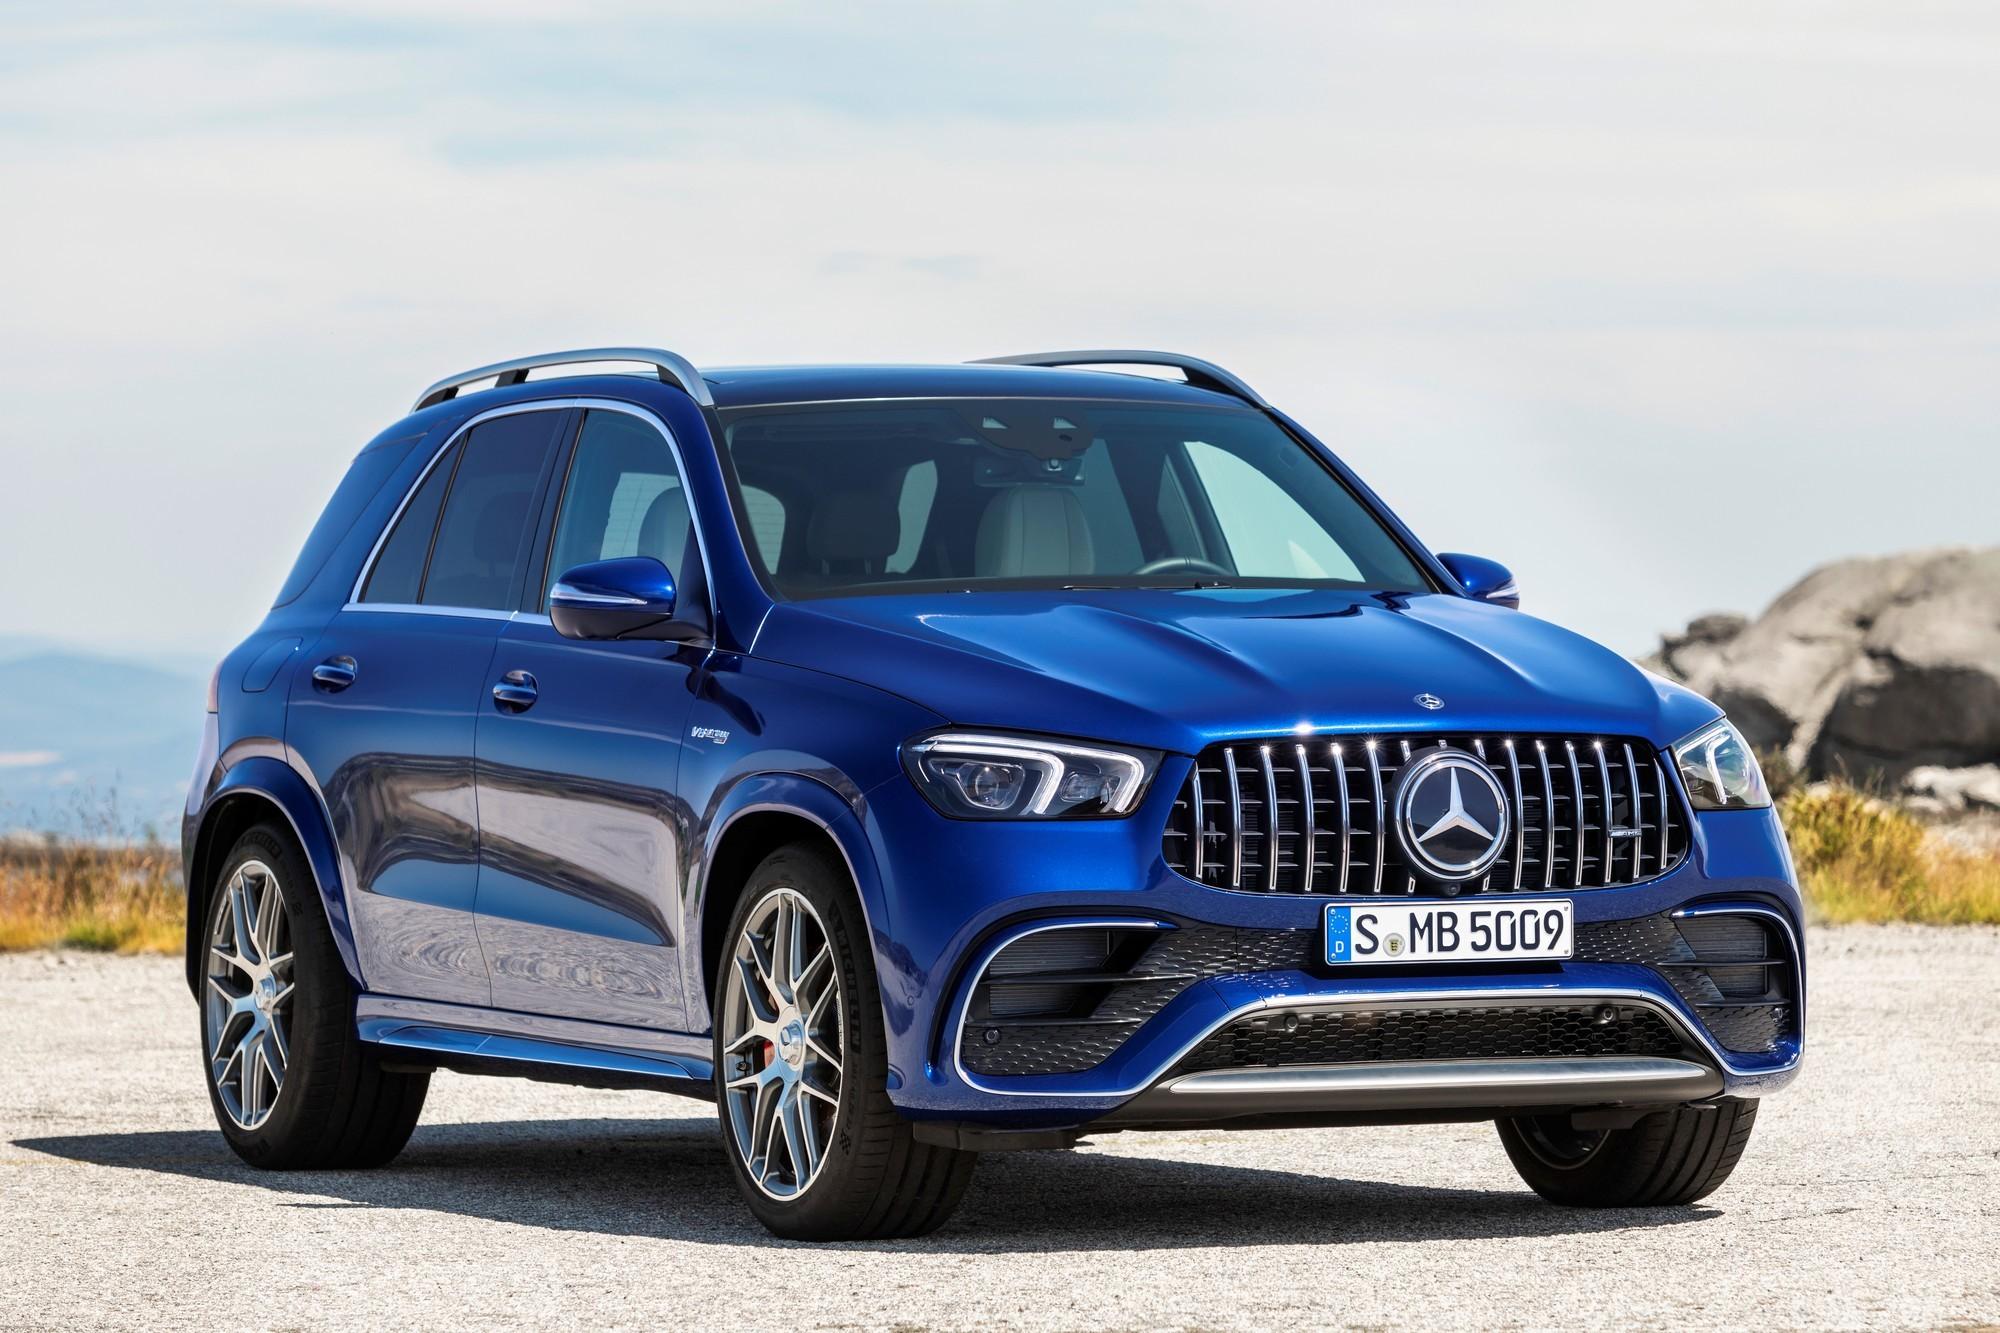 Накинуть петлю, затянуть и отрезать: В РФ отзывают кроссоверы Mercedes-Benz GLE